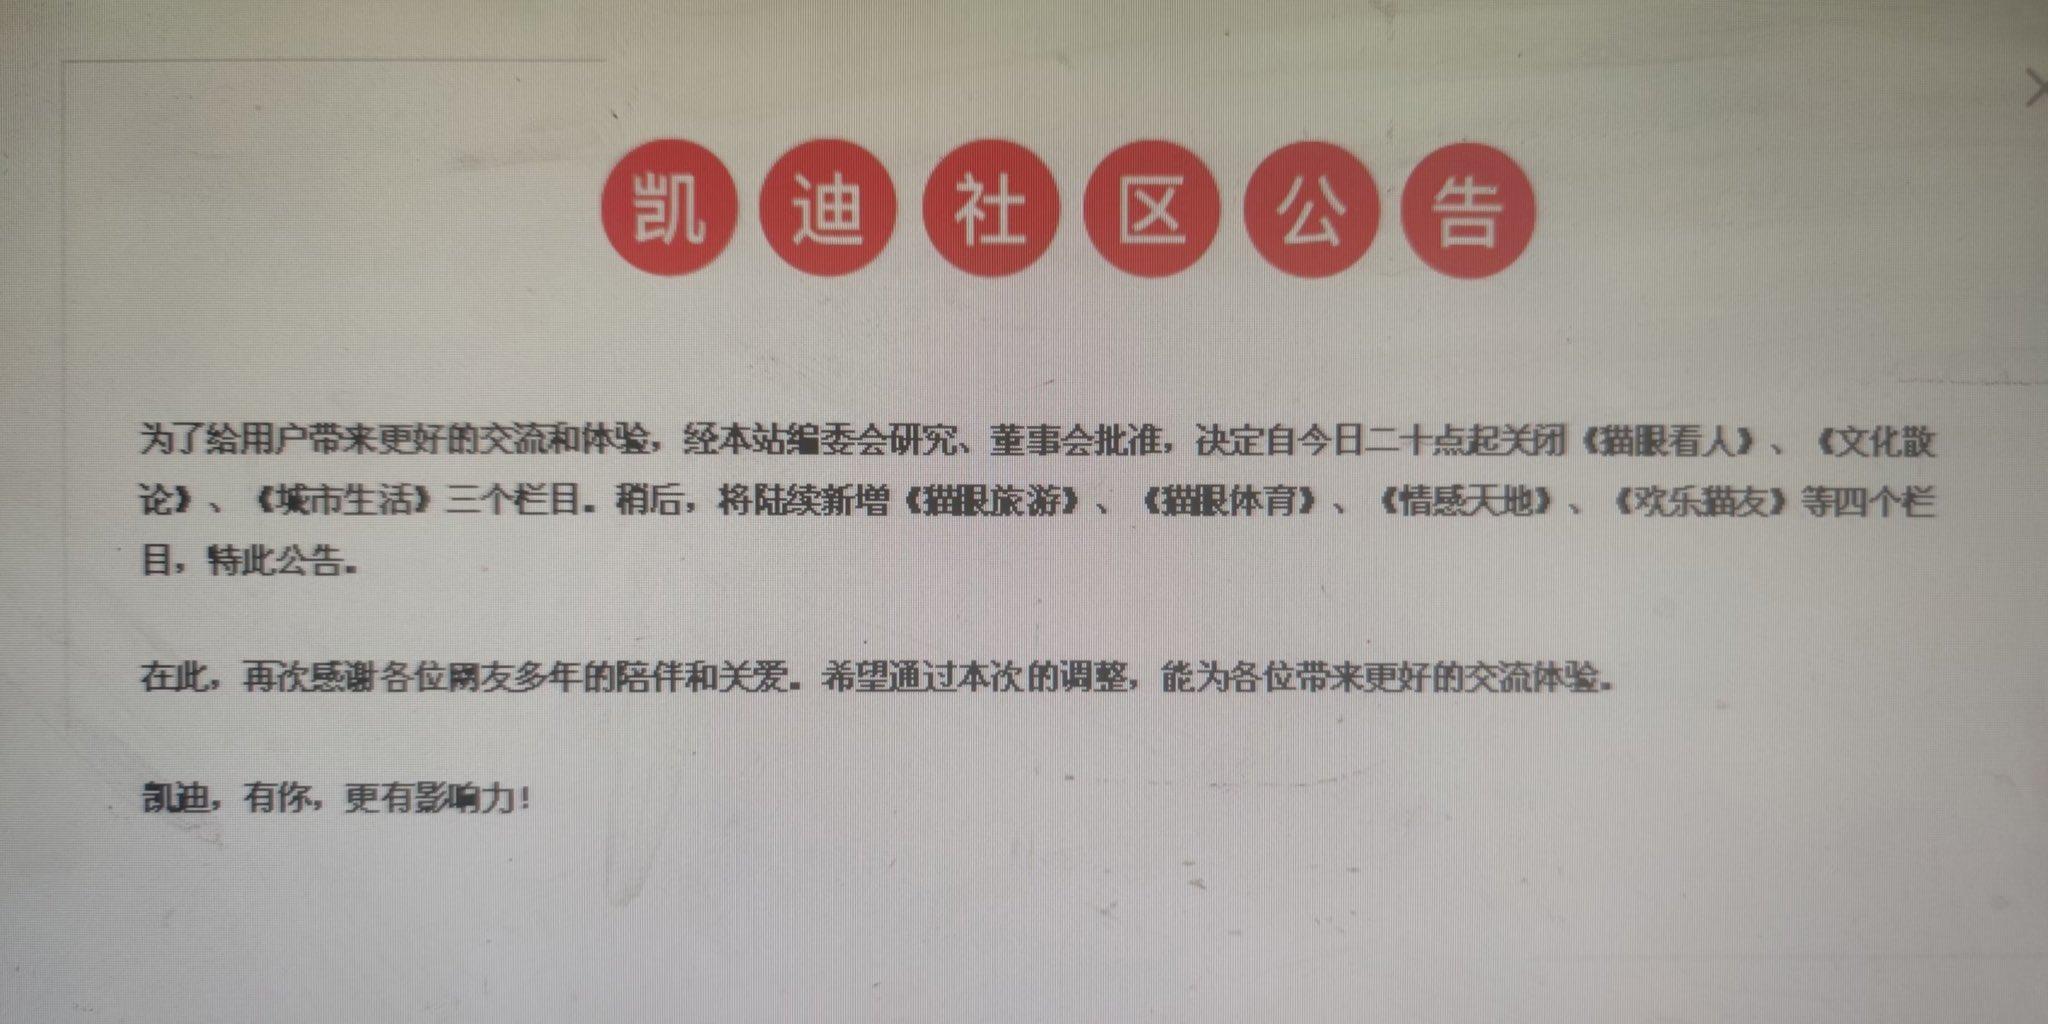 劉曉原在推特發帖稱,凱迪網主打欄目「貓眼看人」從今晚起遭關閉。(推特)